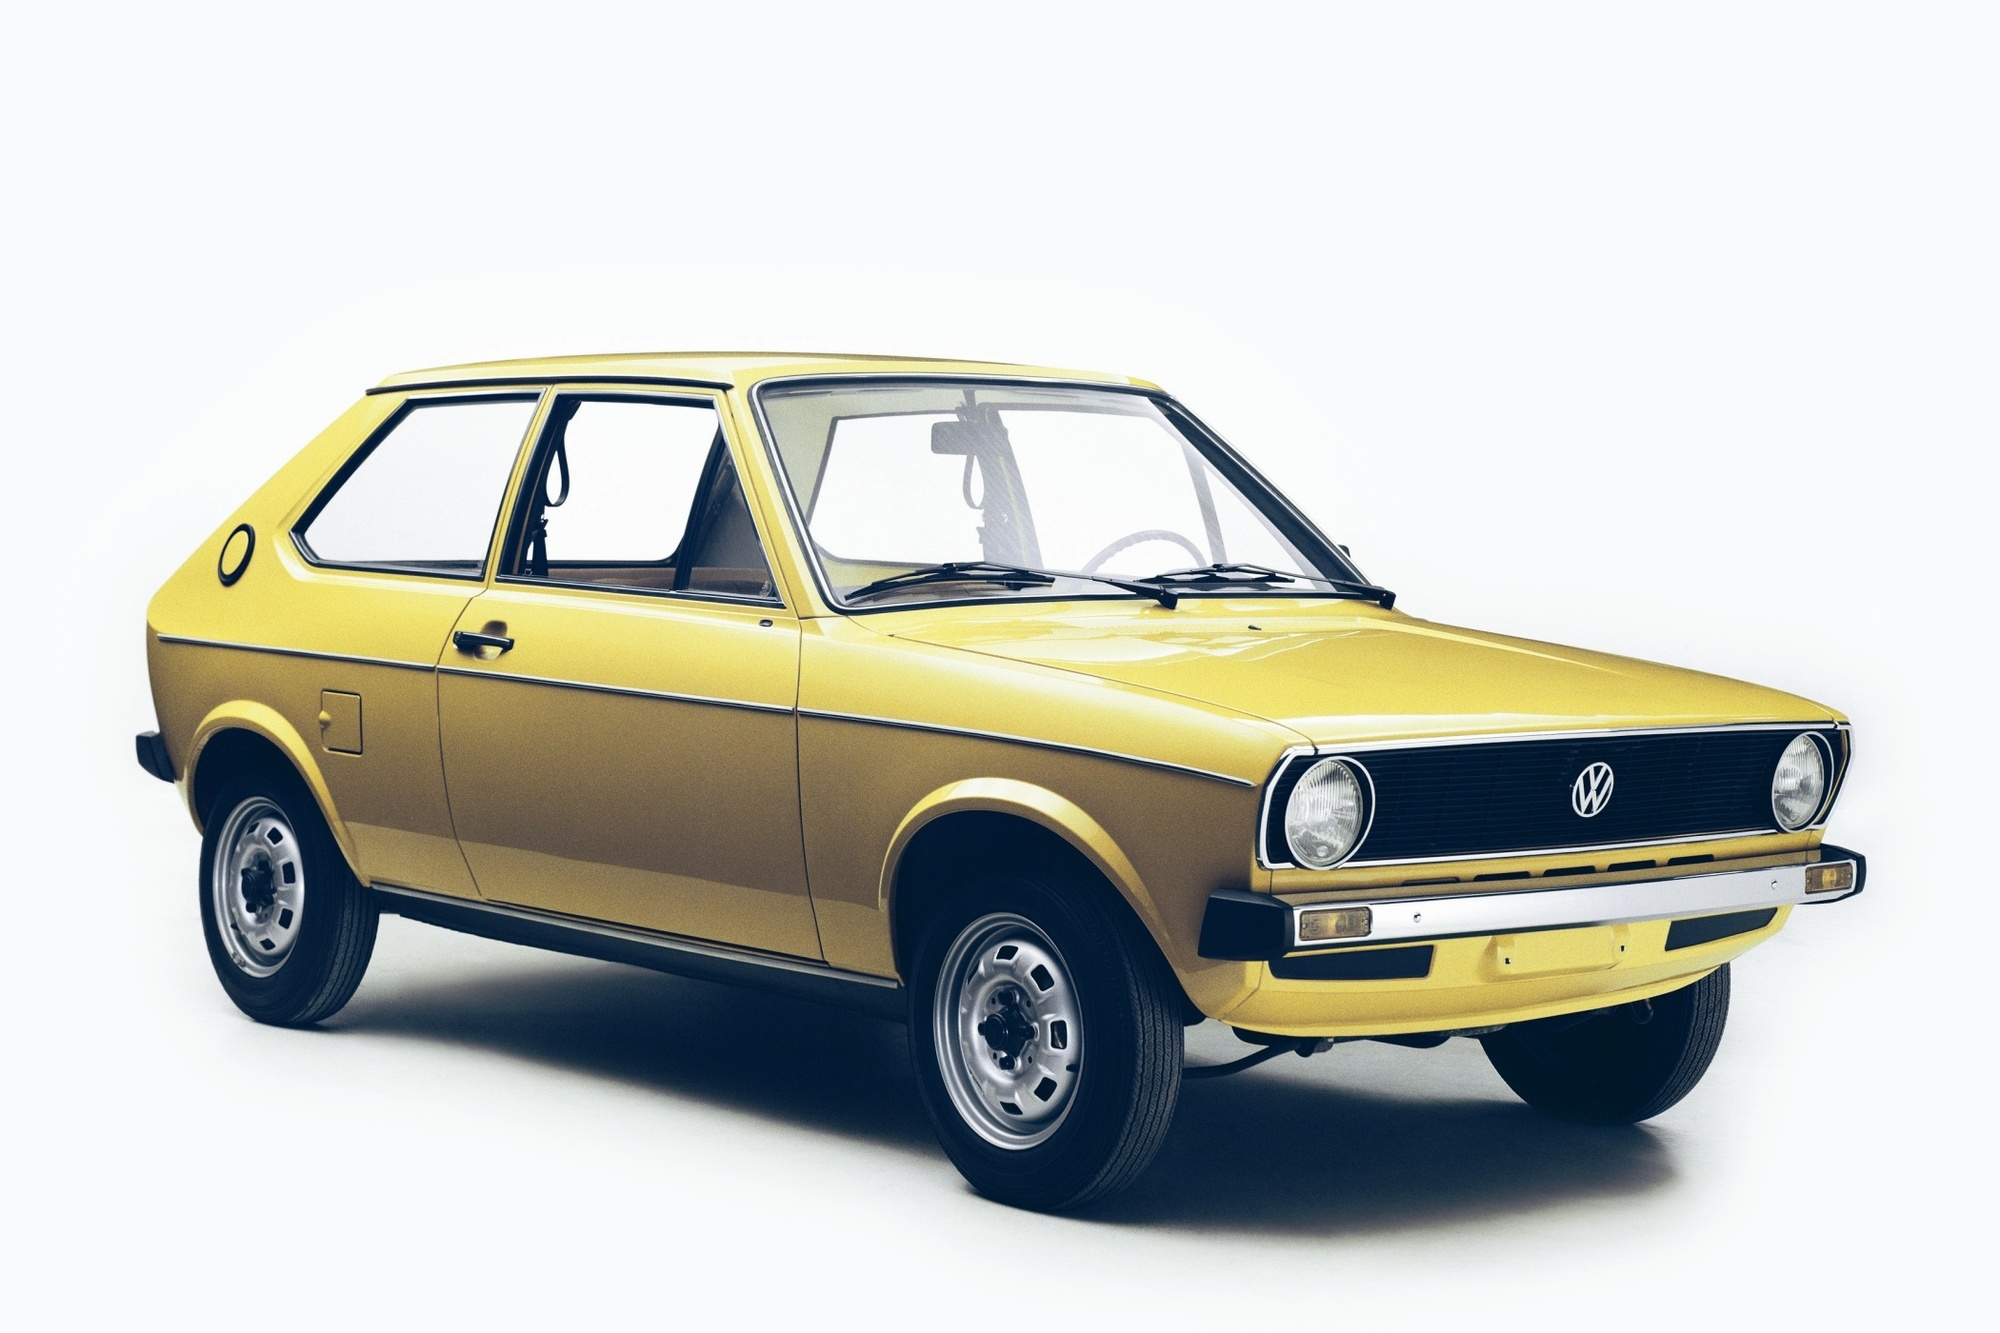 Tradition: 40 Jahre Volkswagen Polo (Typ 86/A01) - Vom Brudermörder zum Bestseller